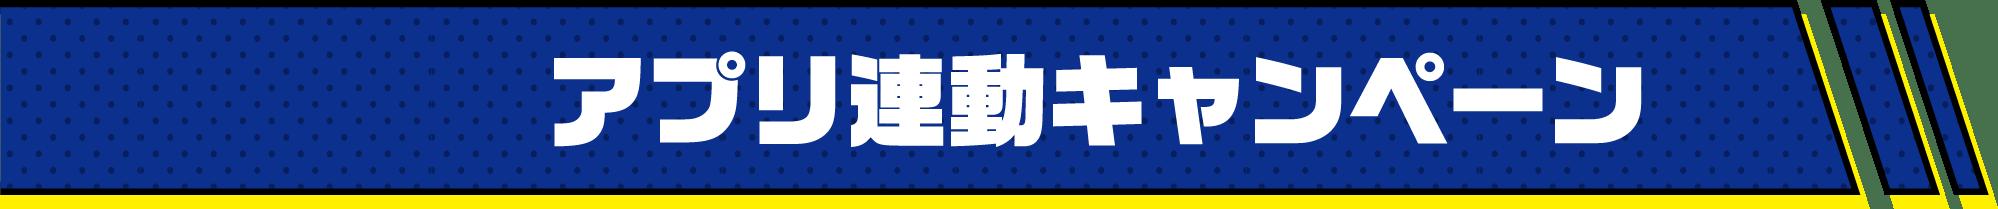 アプリ連動キャンペーン